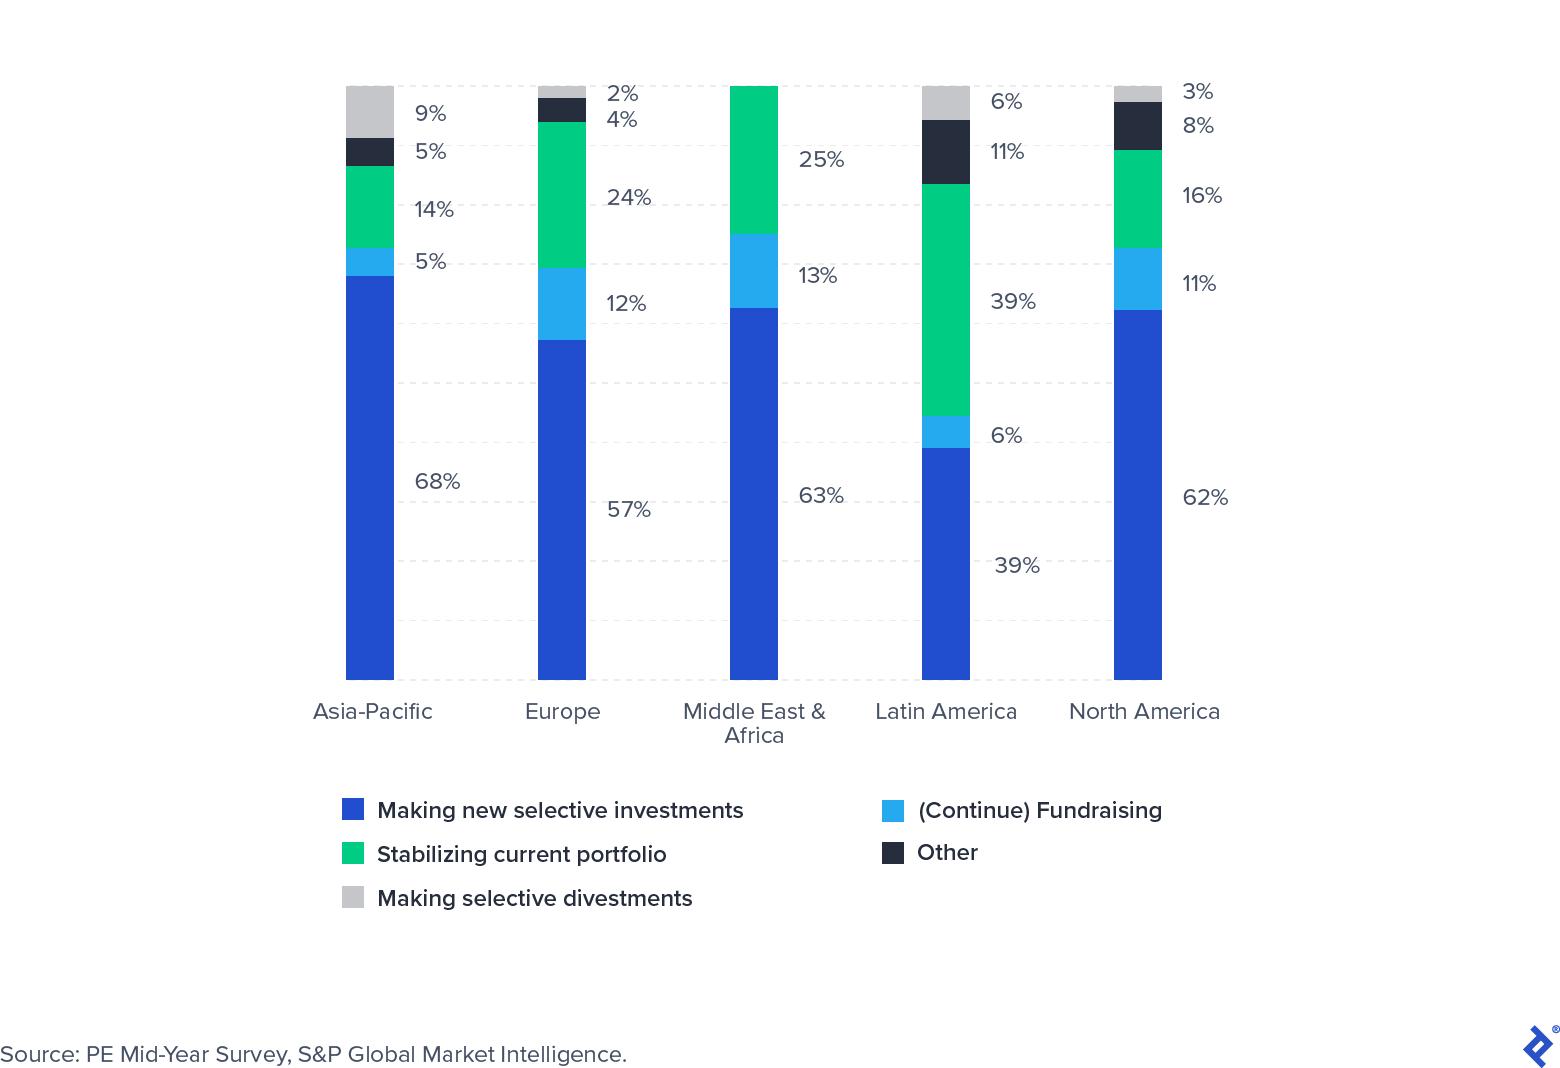 Investor Focus Survey Q3 2020